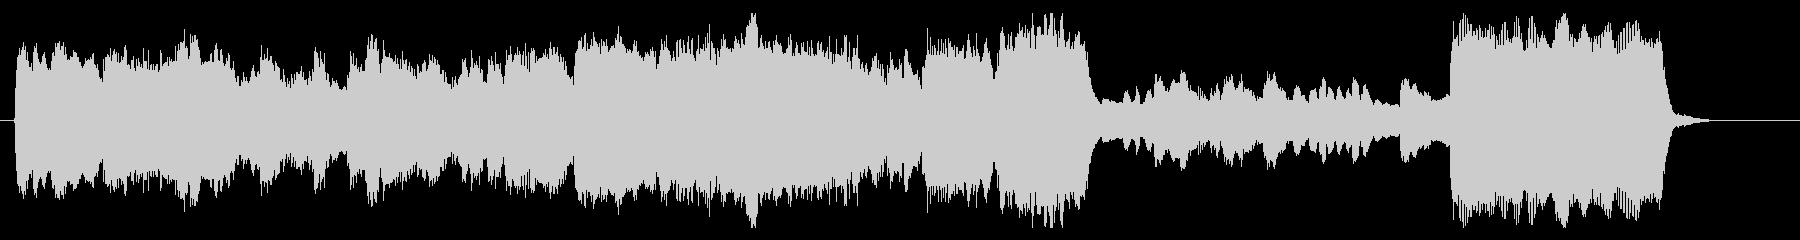 ゴシック、荘厳なパイプオルガンのジングルの未再生の波形